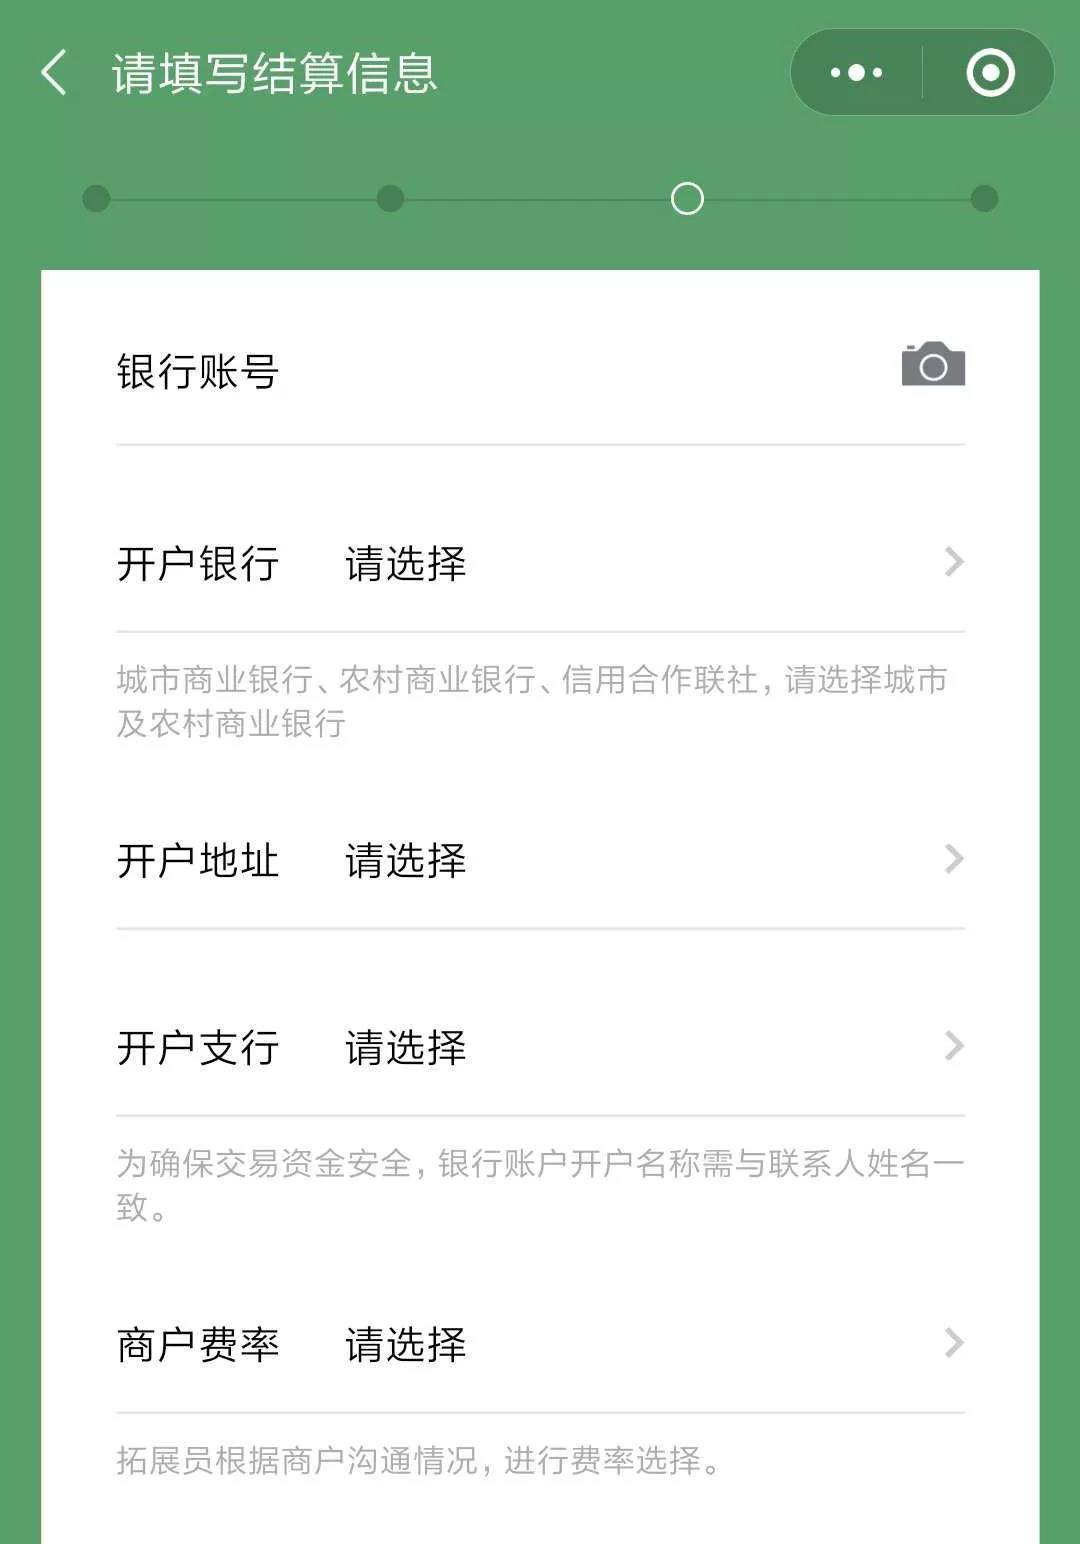 【小微商户】微信商家收款码怎么申请免费开通,汇率低至0.38%